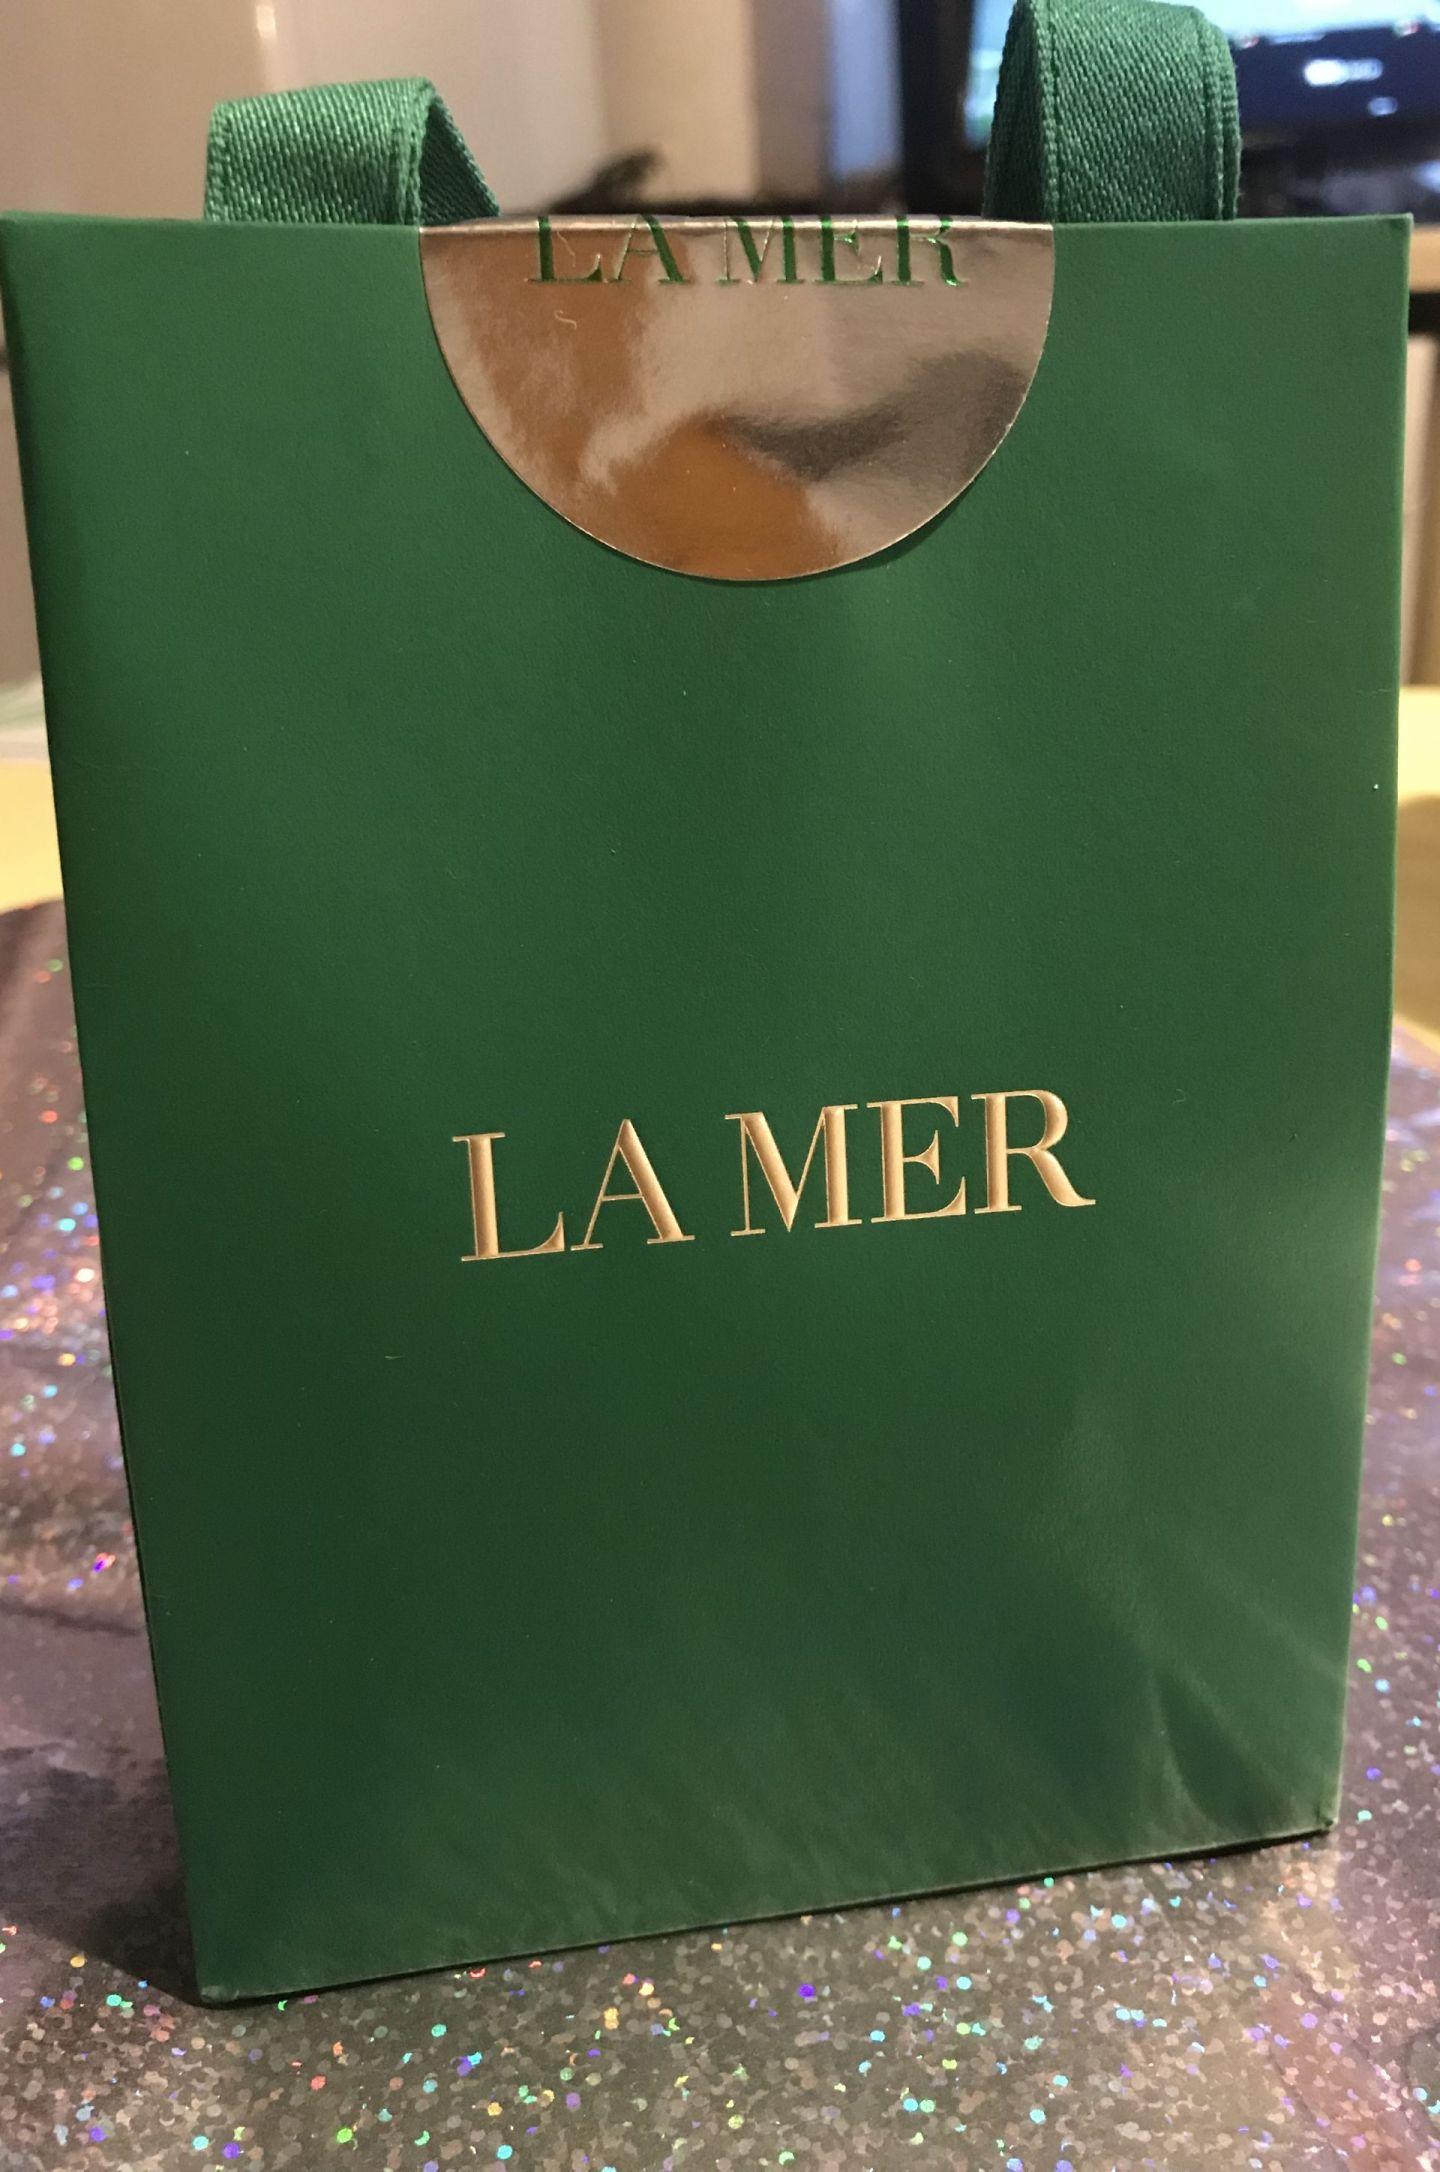 A visit to La Mer